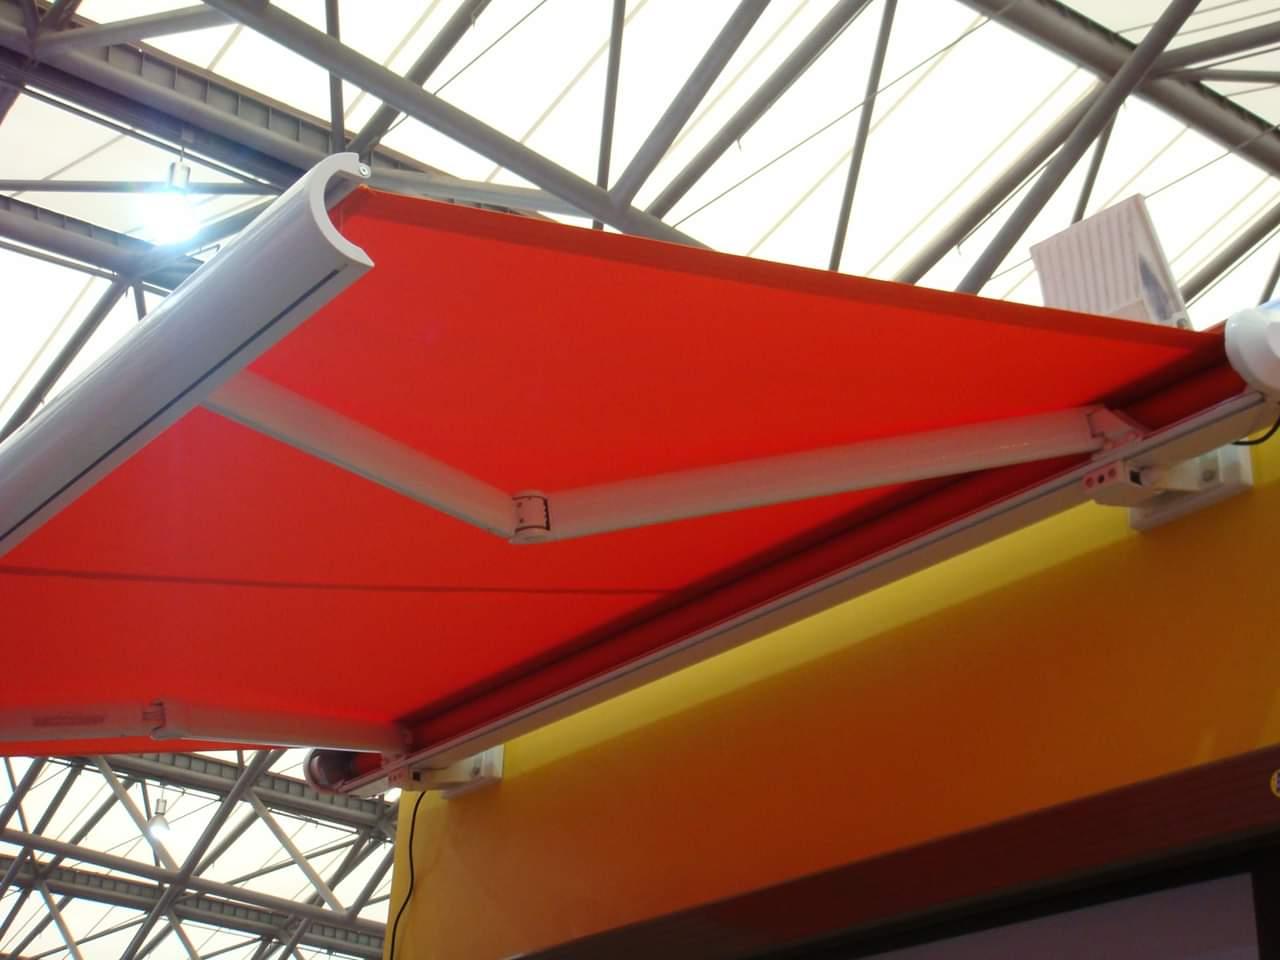 Lắp đặt mái che di động, mái bạt xếp, mái bạt lùa kéo sóng tại hà nội